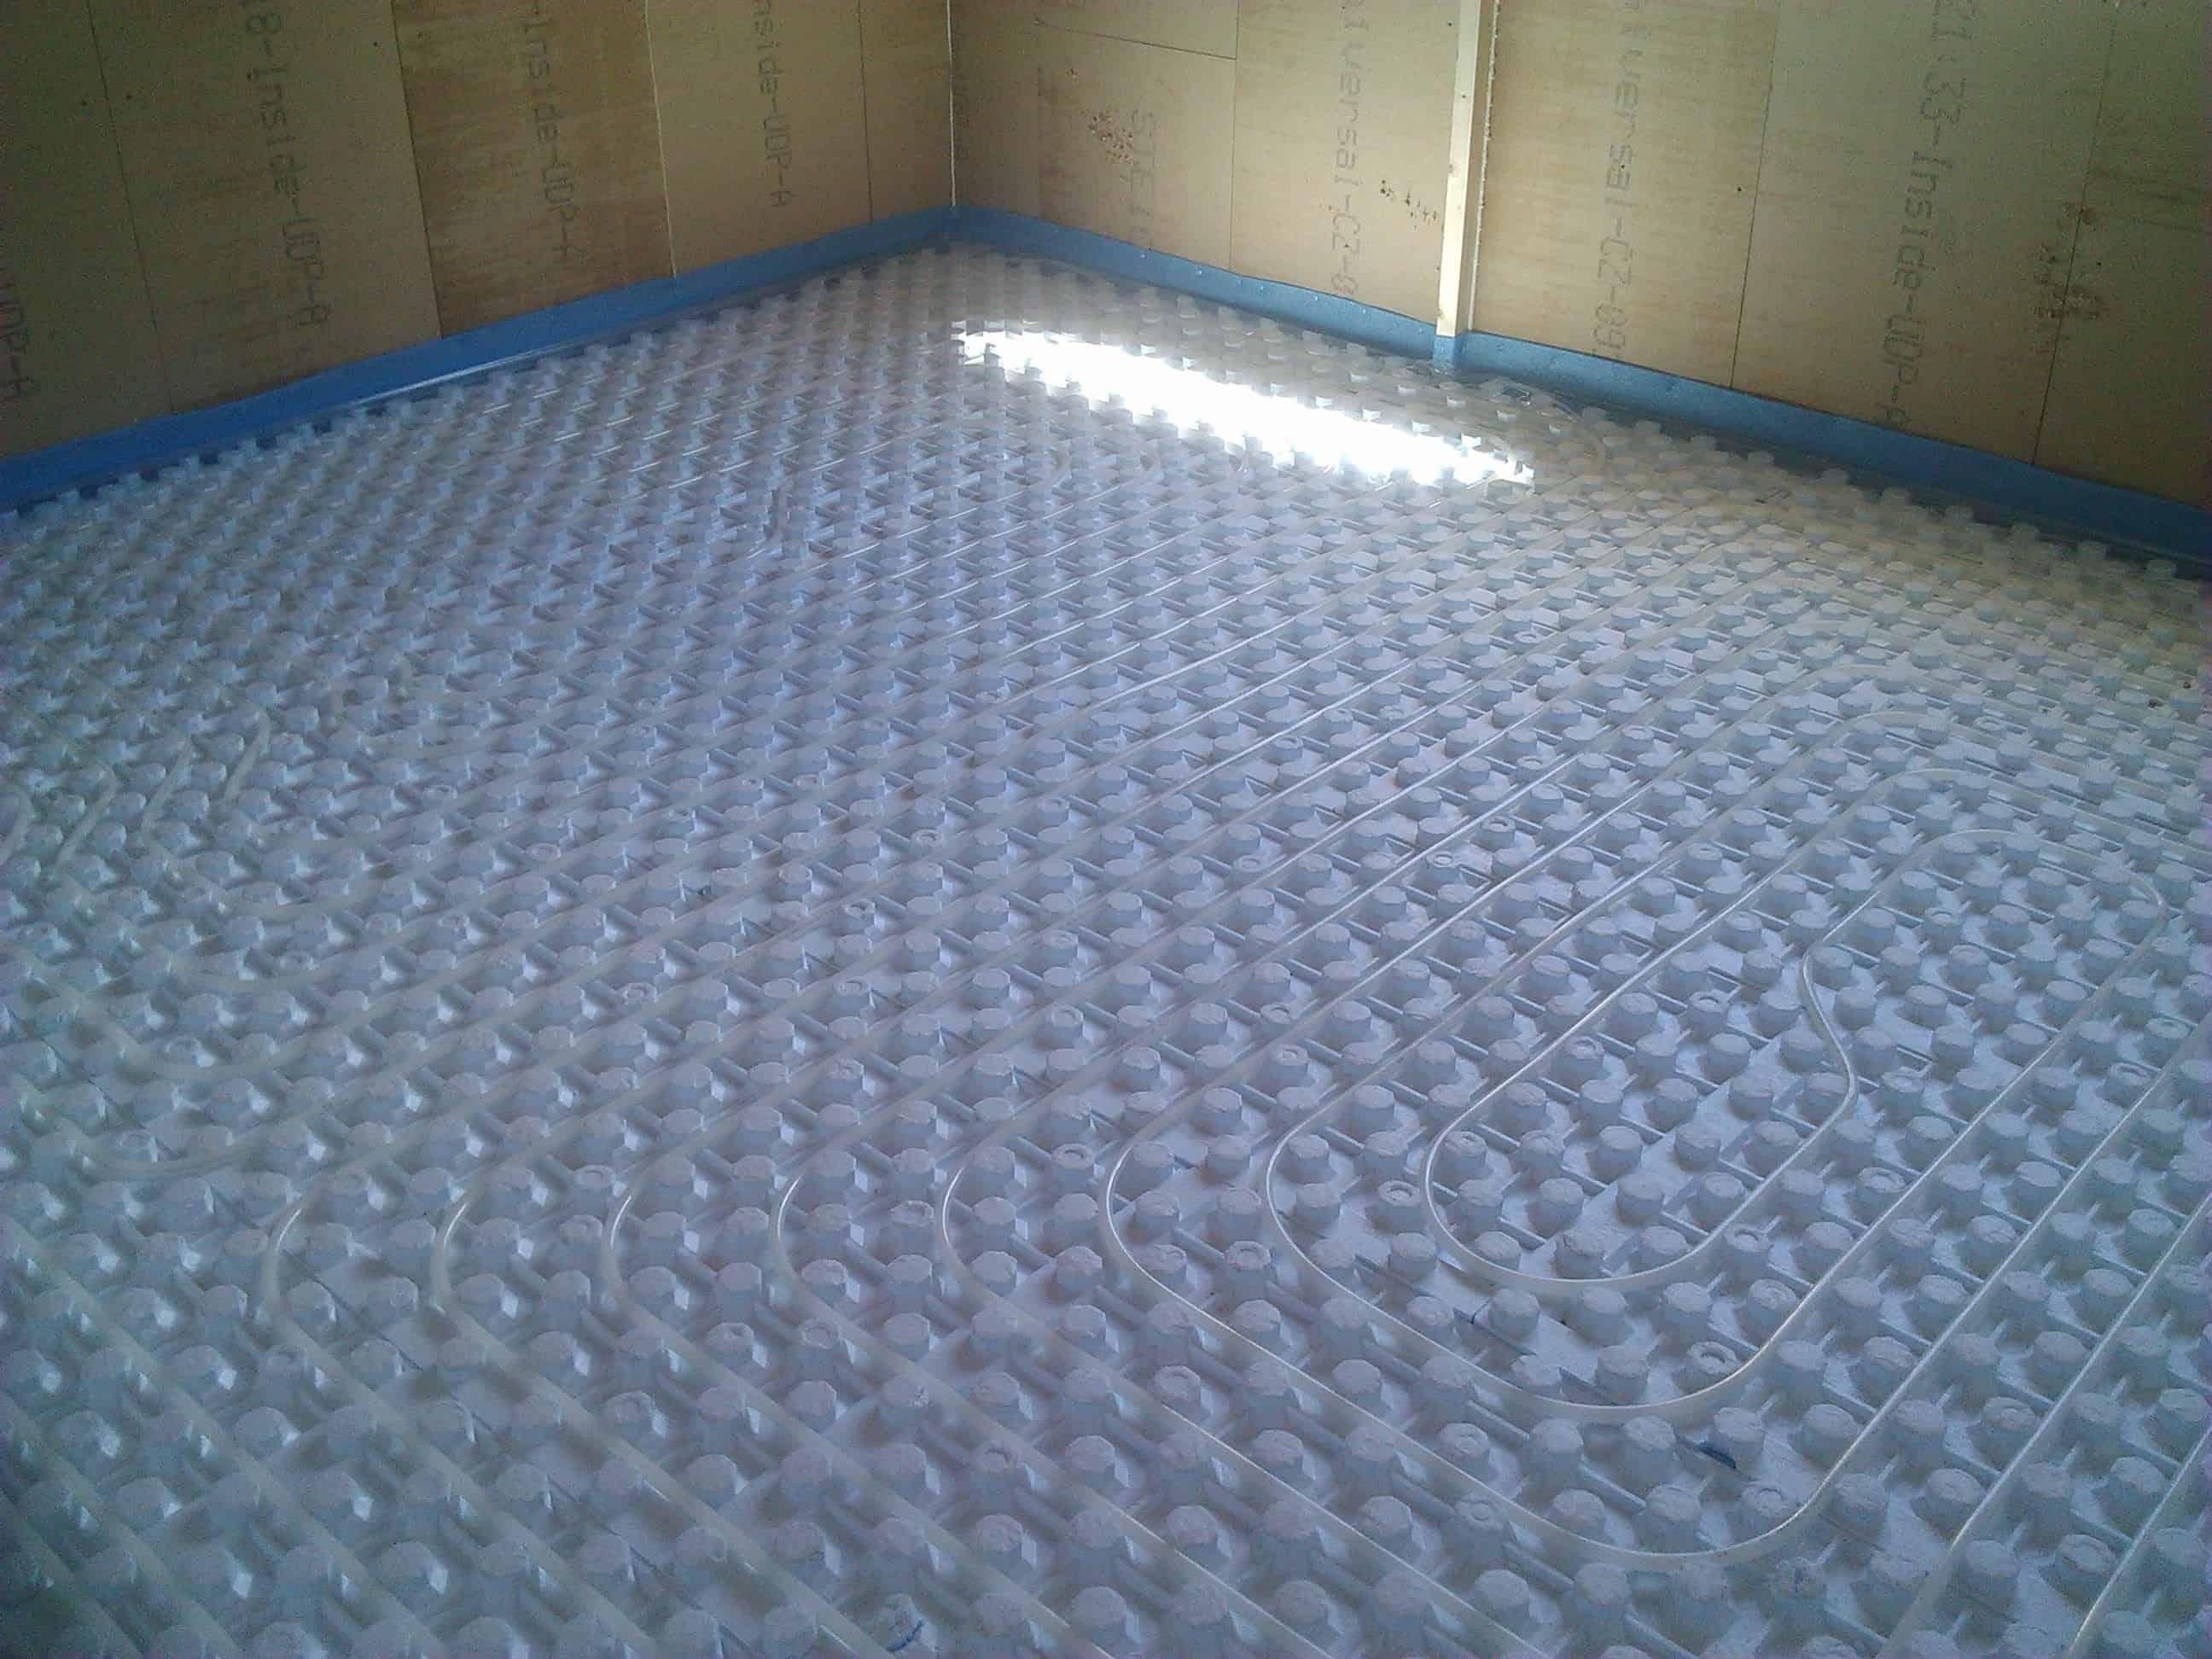 Radiadores vs suelo radiante instalaciones blasco for Suelo radiante agua